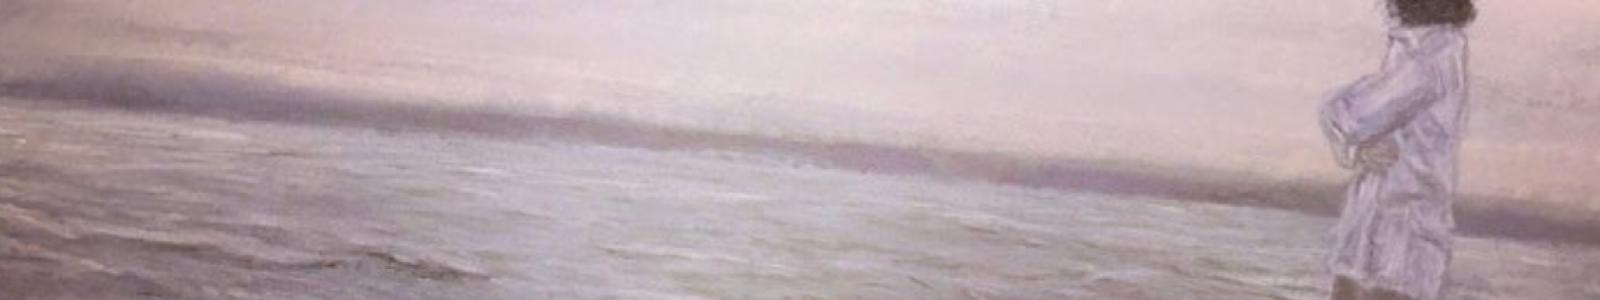 Gallery Painter Luybov Ivanova